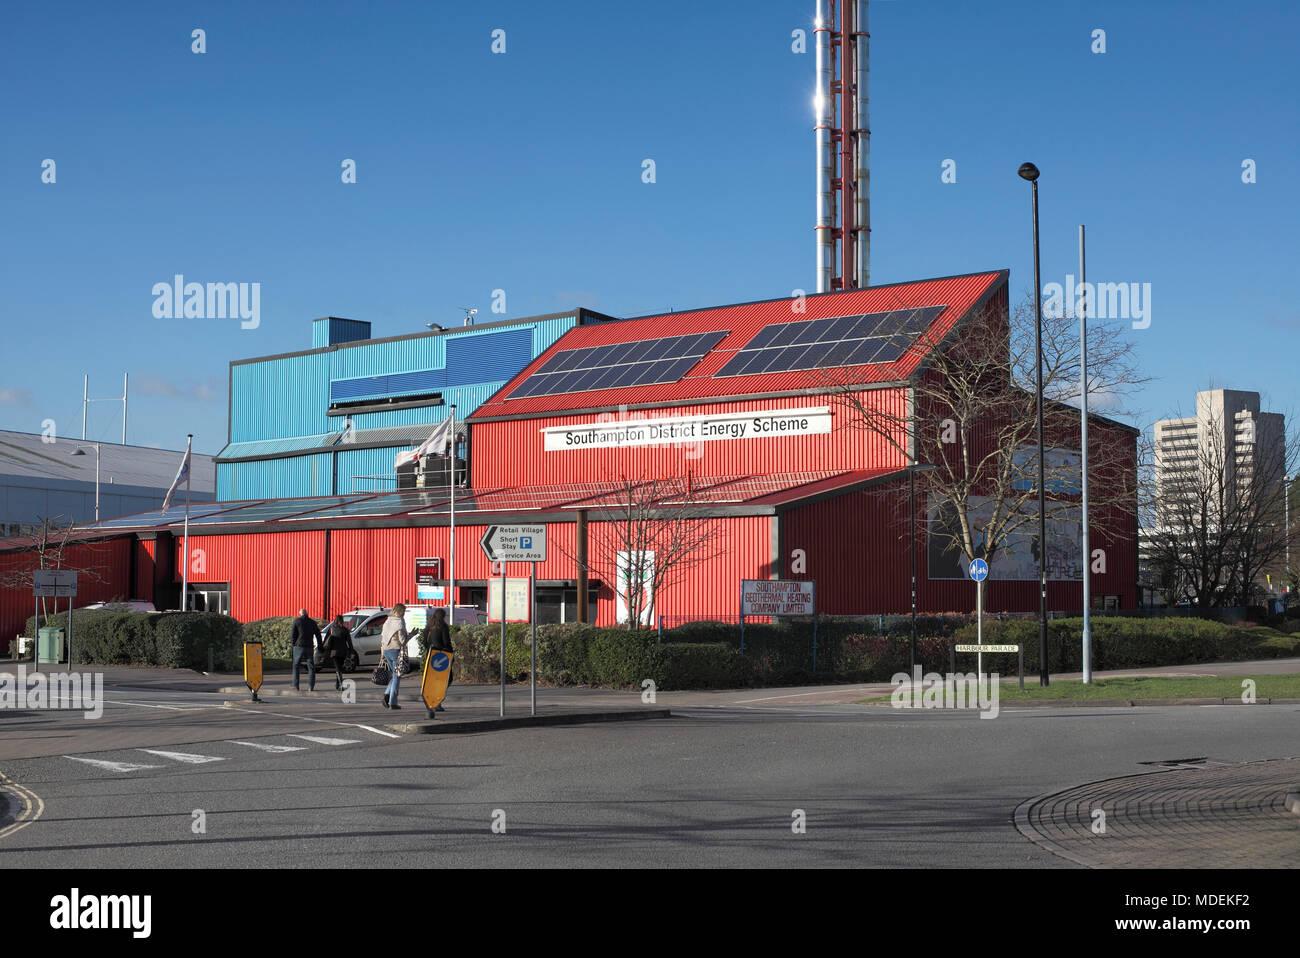 La estación de calor, parte de la combinación de energía del Distrito de Southampton, donde el calor geotérmico es utilizada en un sistema de calefacción de distrito. Imagen De Stock